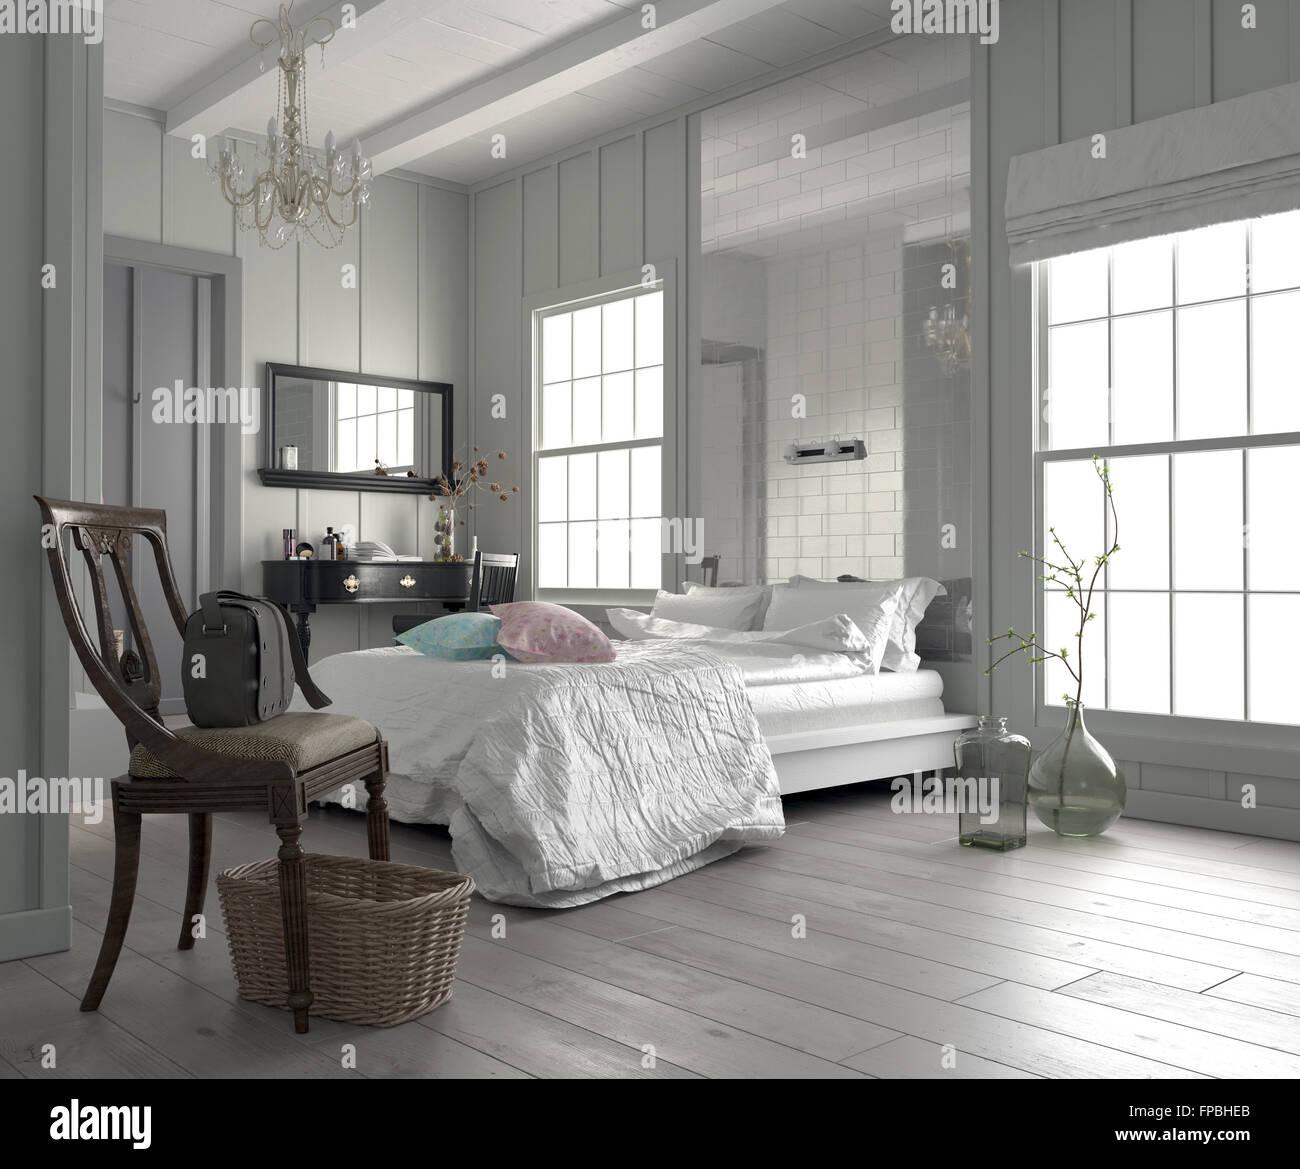 Grande chambre moderne chambre blanche intérieur avec un lit king ...